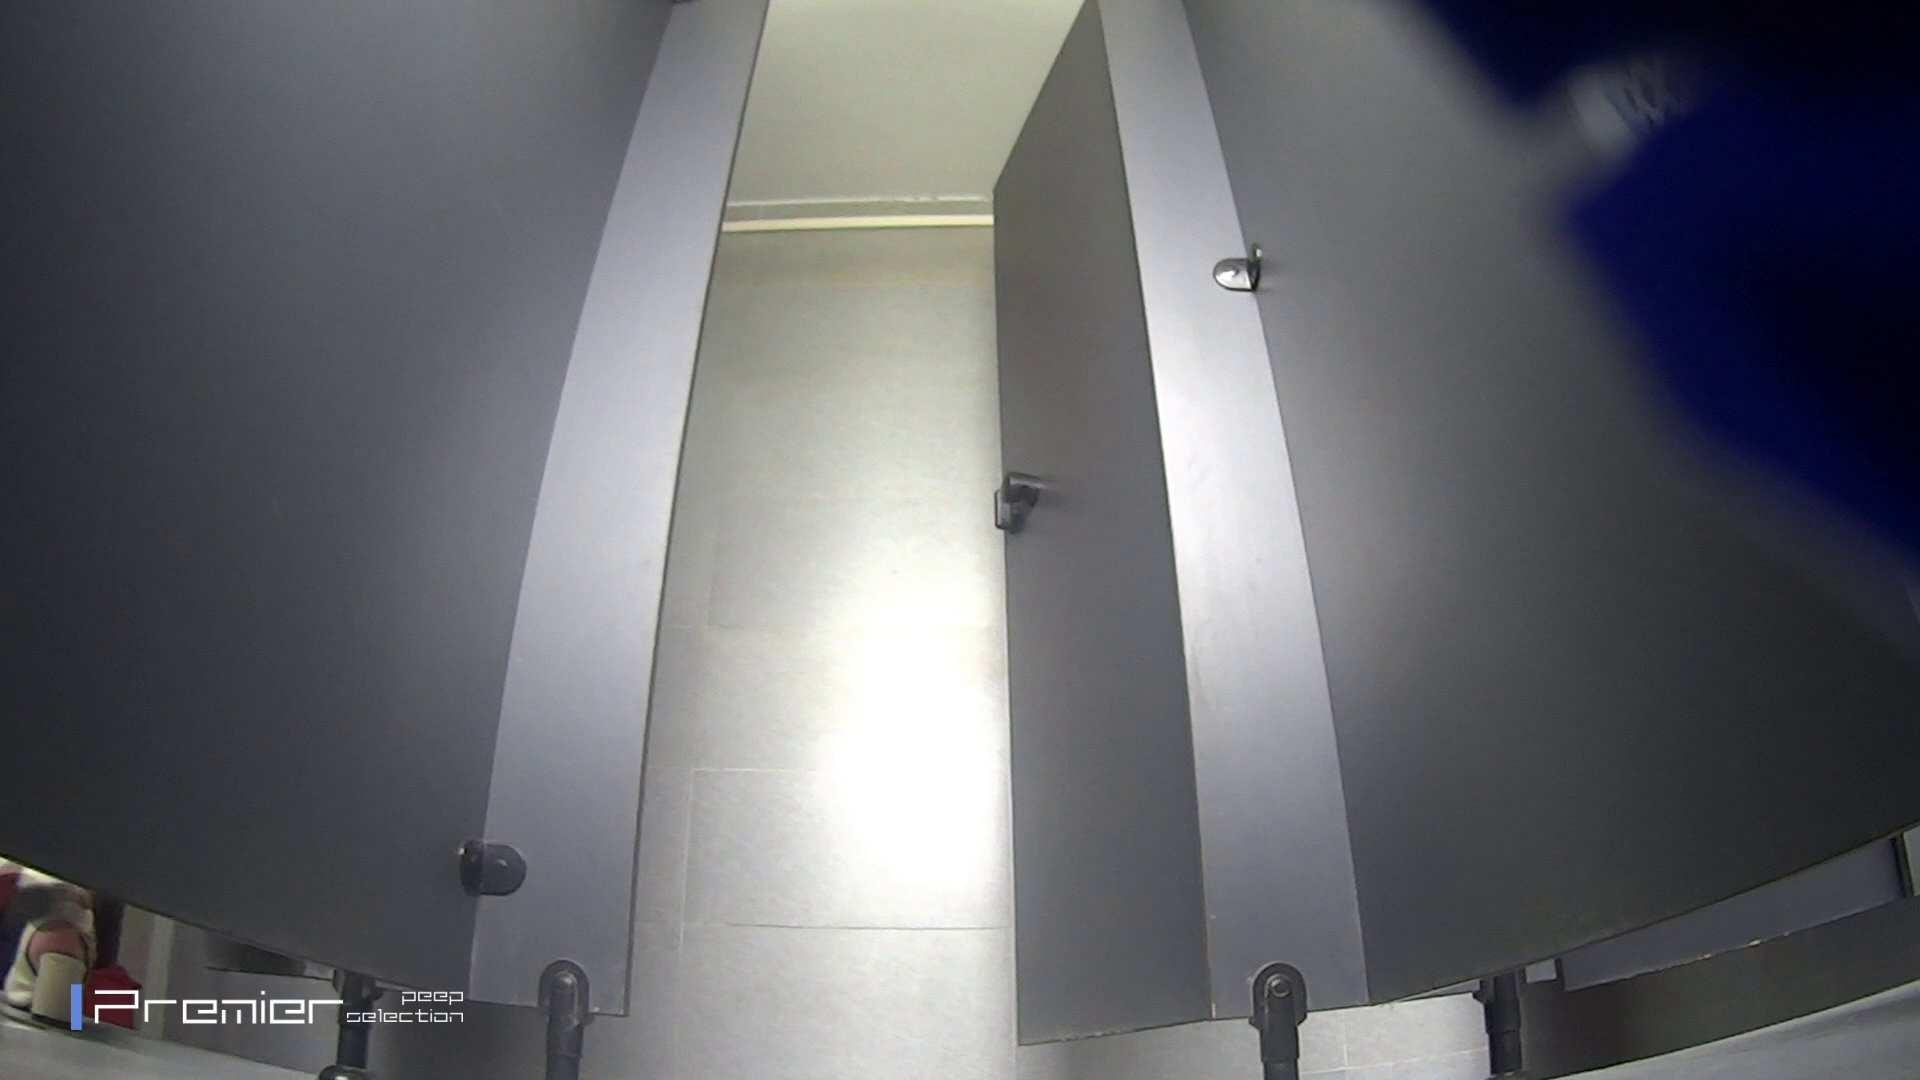 ツンデレお女市さんのトイレ事情 大学休憩時間の洗面所事情32 トイレ中 | 美女達のヌード  100連発 17